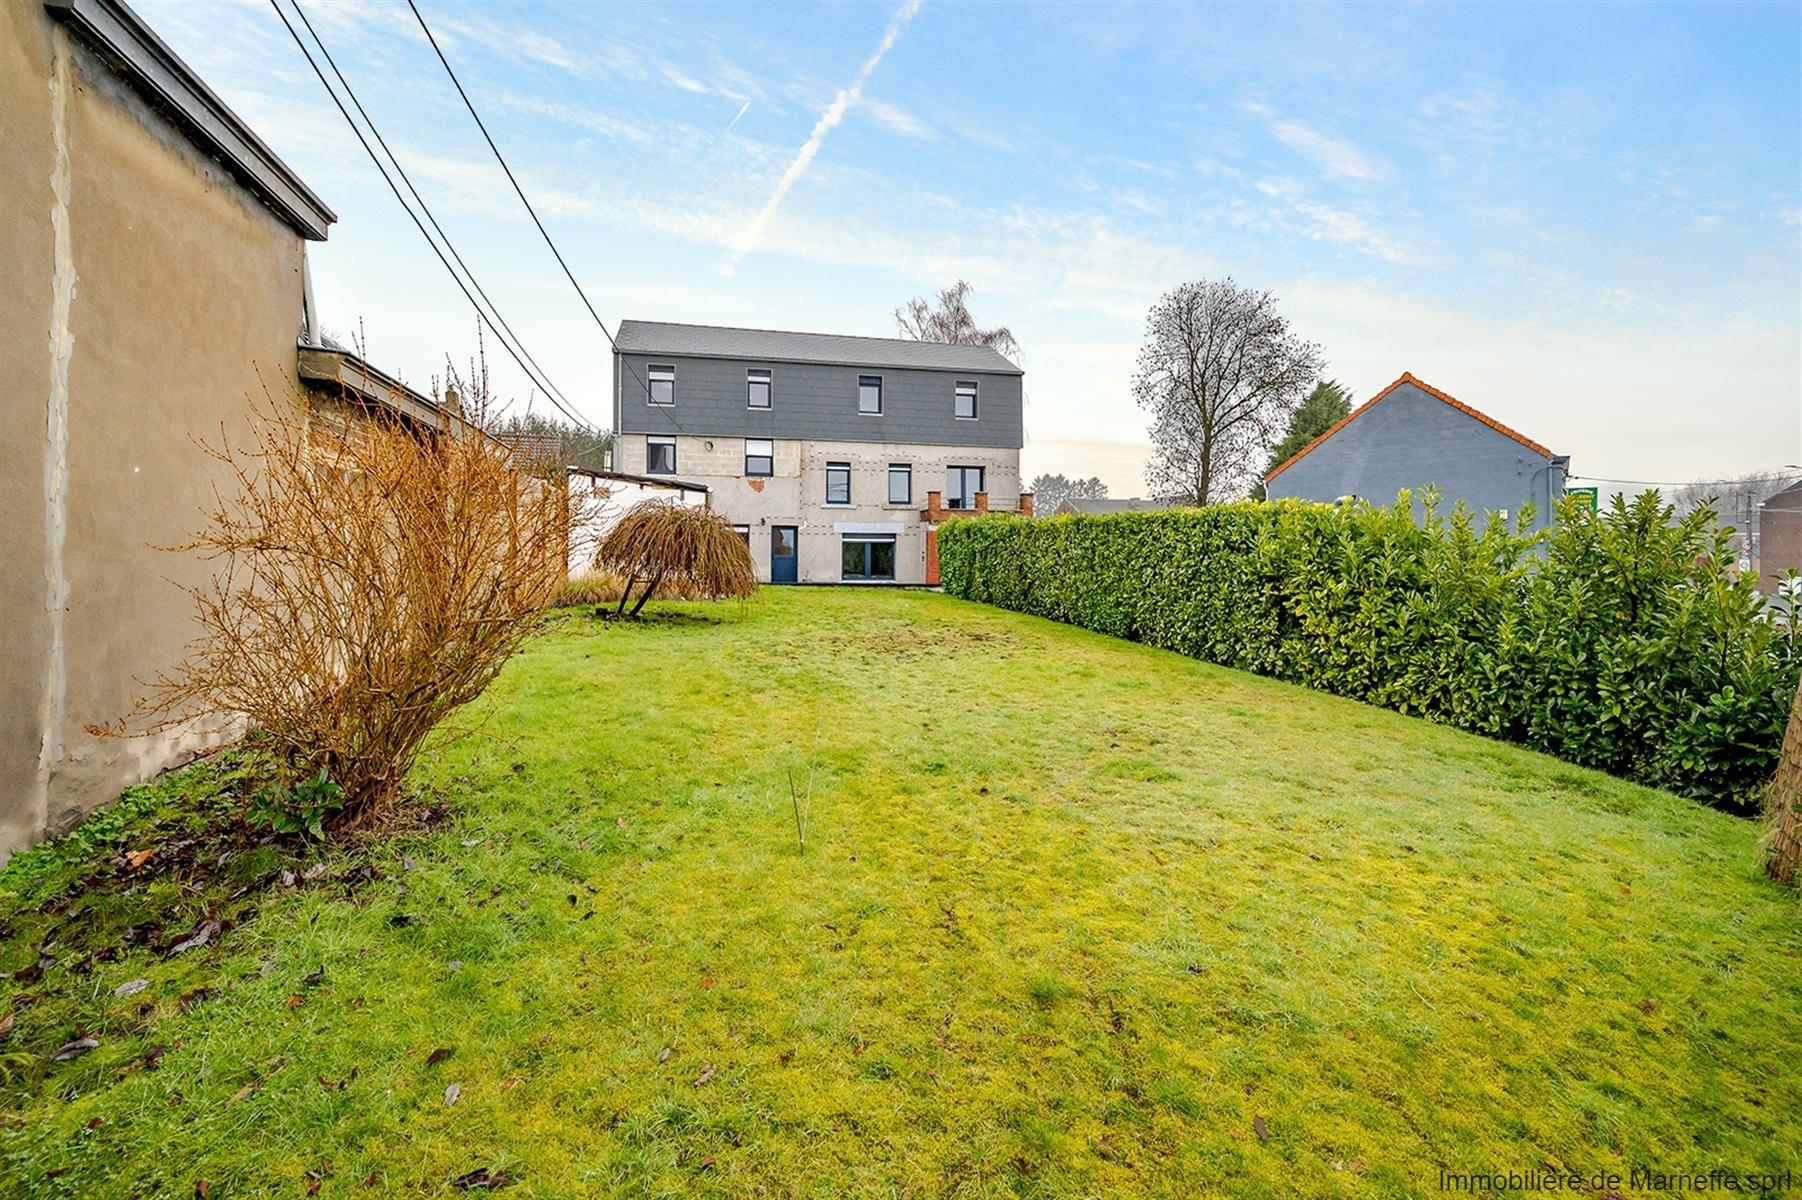 Maison - Villers-le-Bouillet - #4340473-0